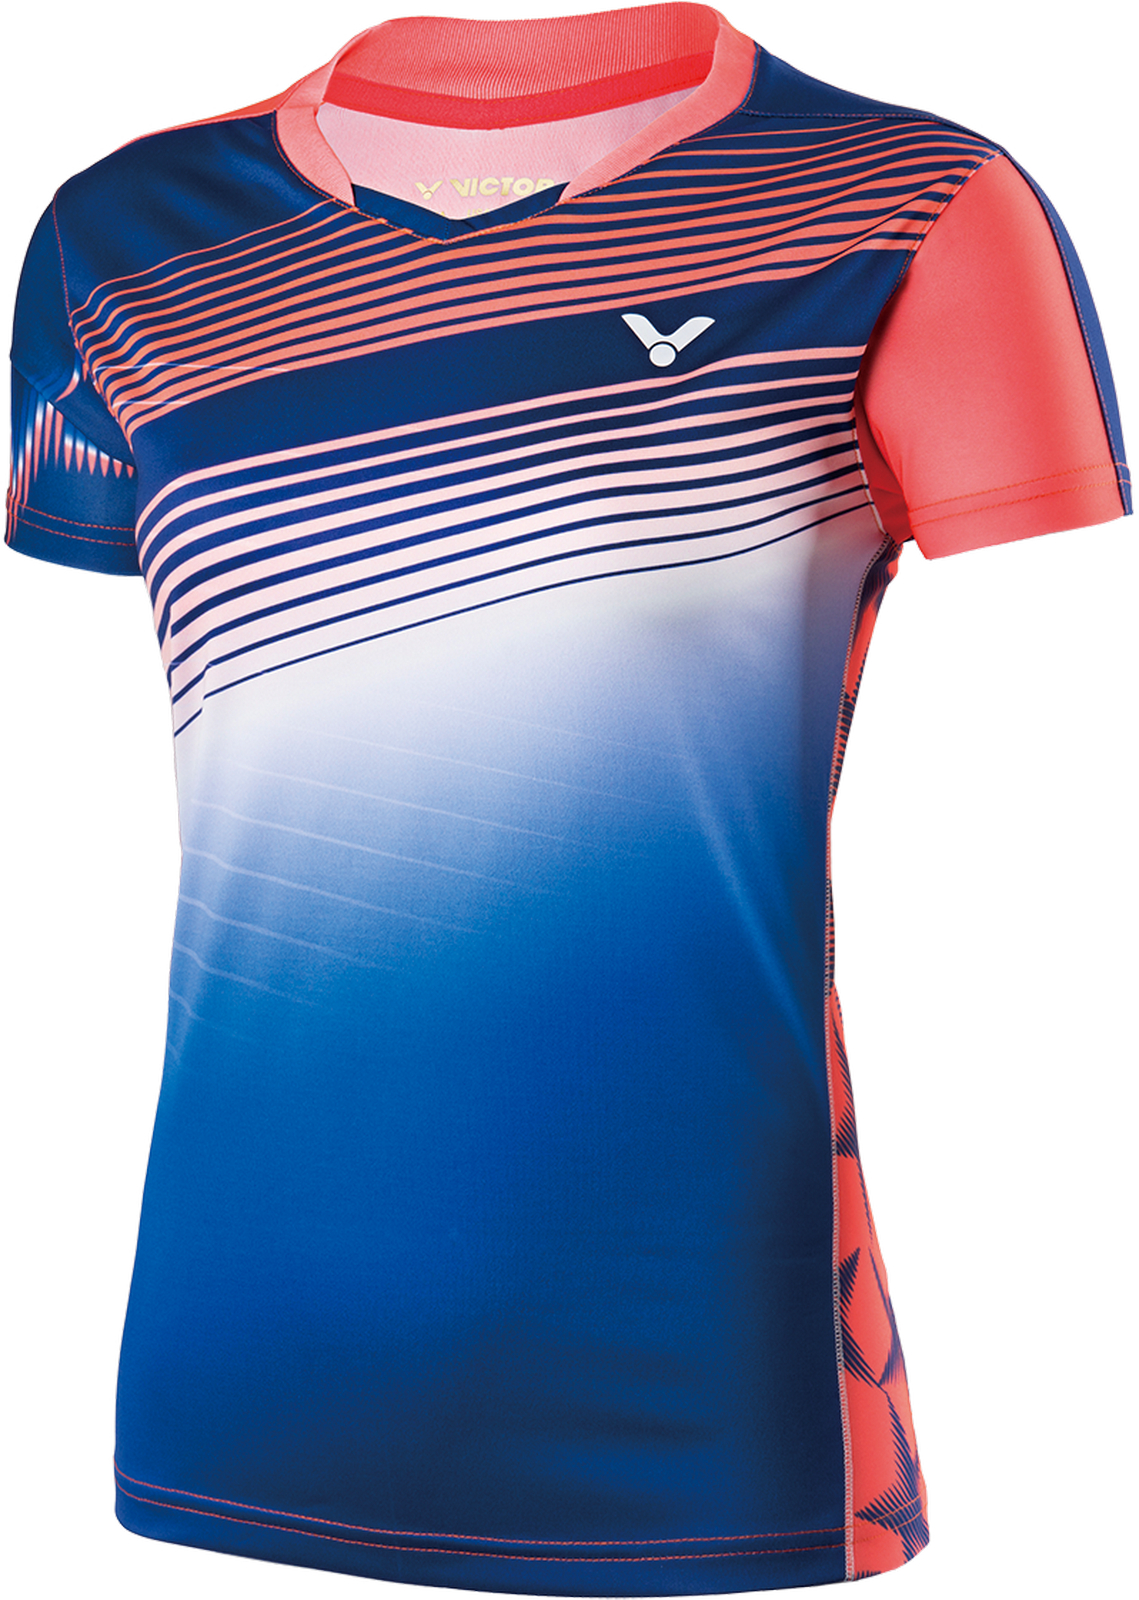 Victor Shirt Malaysia frau blau